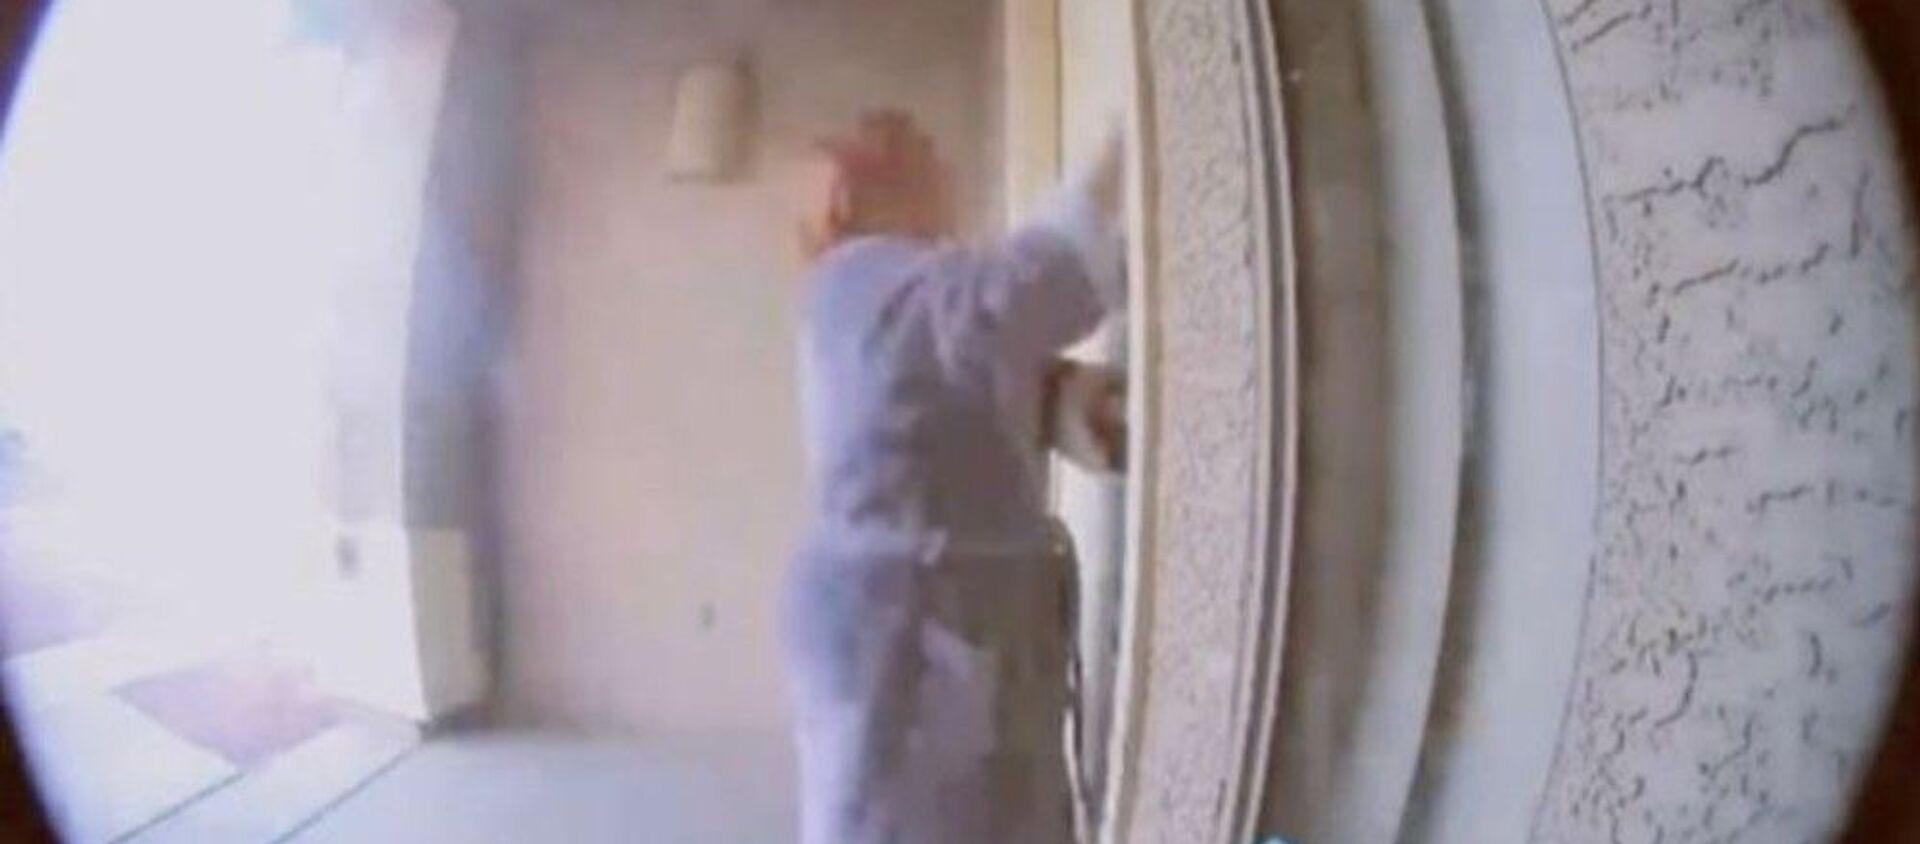 Ηρωική γειτόνισσα σώζει οικογένεια που κοιμάται σε σπίτι που έχει πιάσει φωτιά - Sputnik Ελλάδα, 1920, 17.01.2021